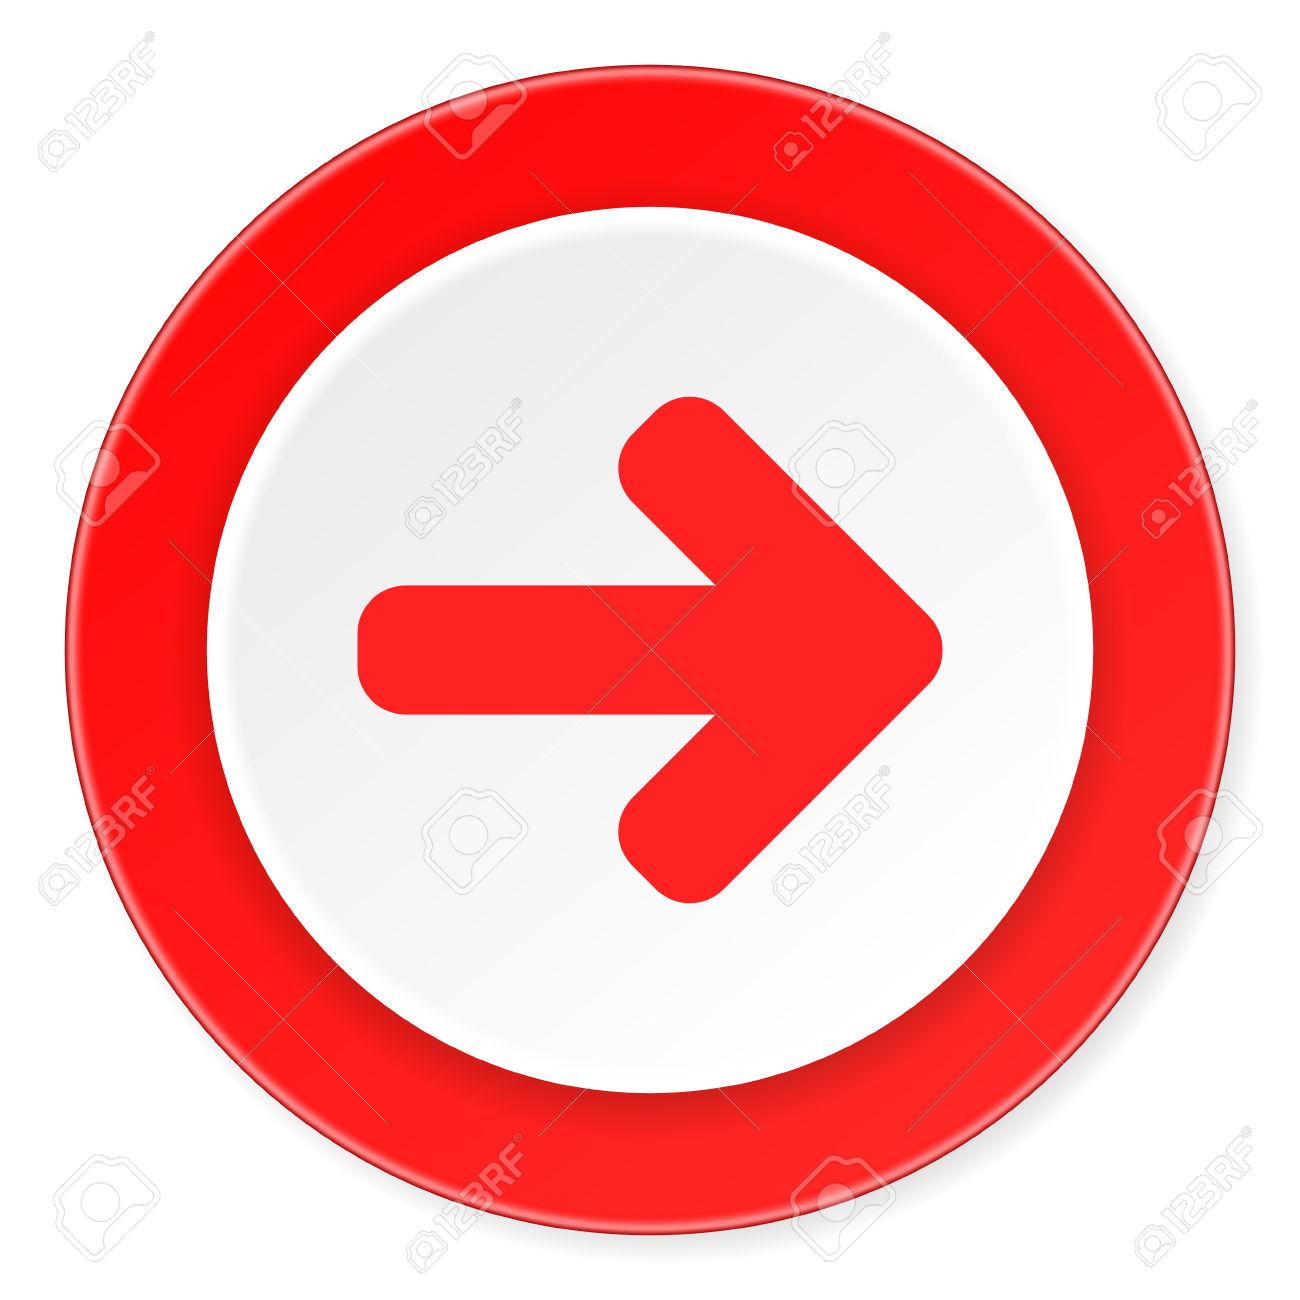 47509193-flecha-derecha-c-rculo-rojo-3d-icono-plana-dise-o-moderno-en-el-fondo-blanco-Foto-de-archivo.jpg